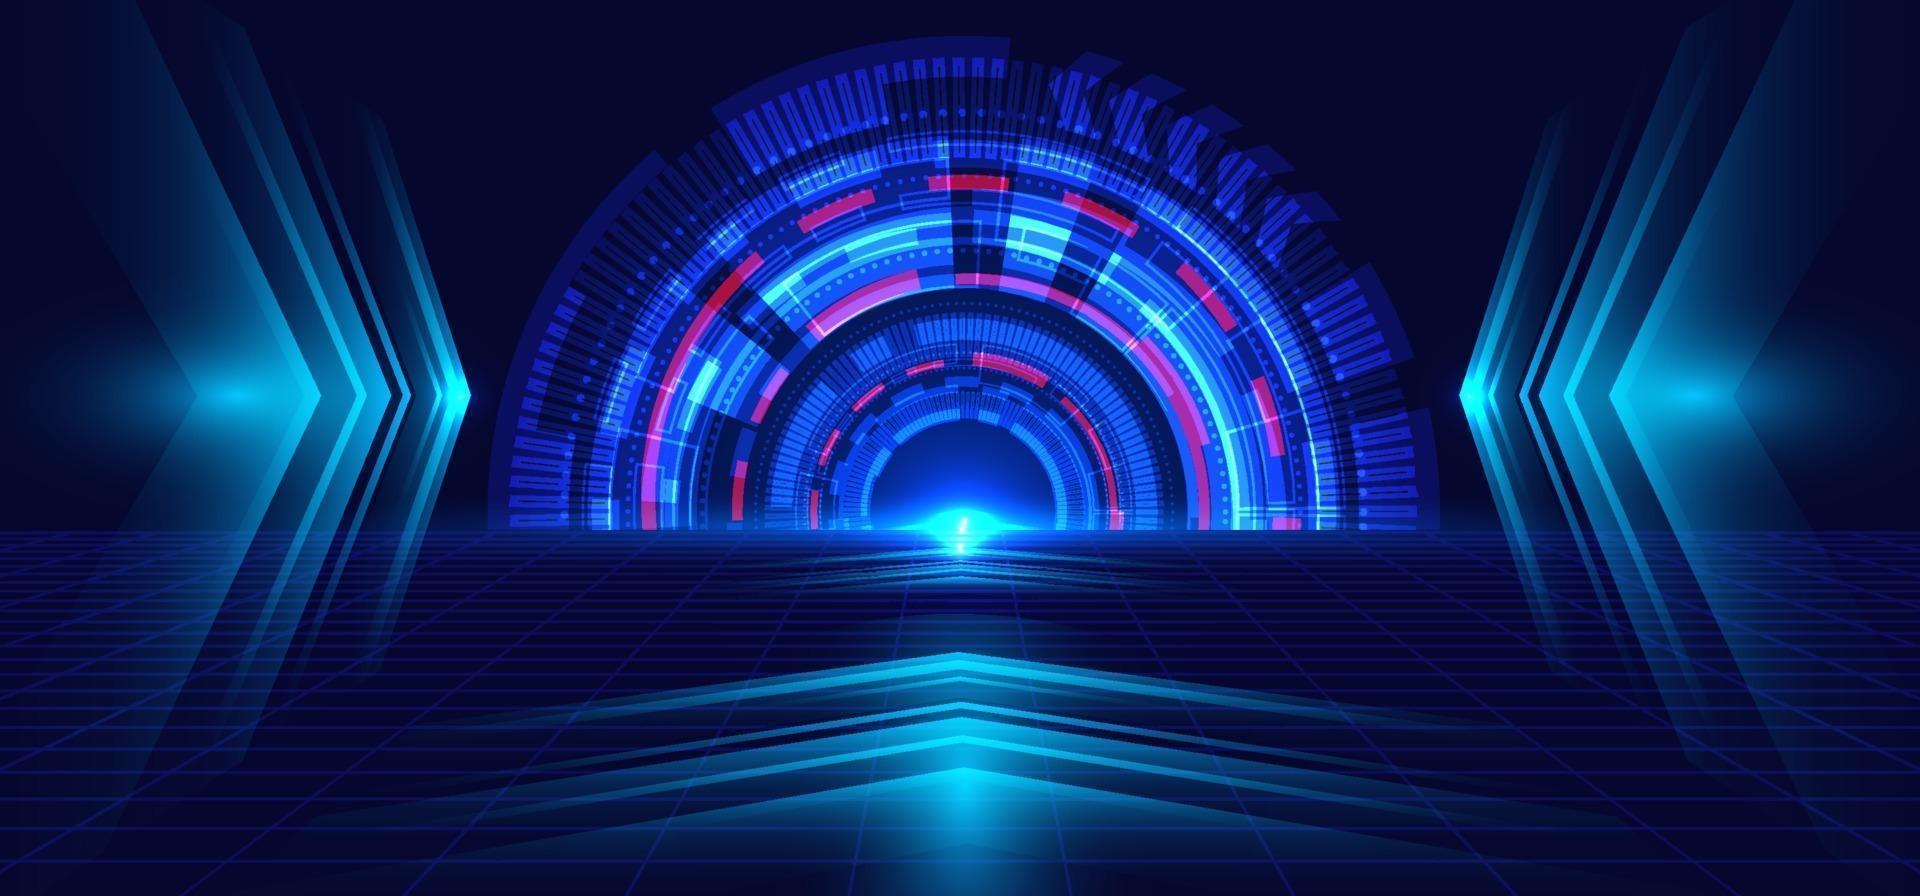 abstrakt teknik blå cirkel, ljusstråle och pilmönster. perspektiv på mörkblå rutnät bakgrund hi-tech kommunikation koncept. vektor